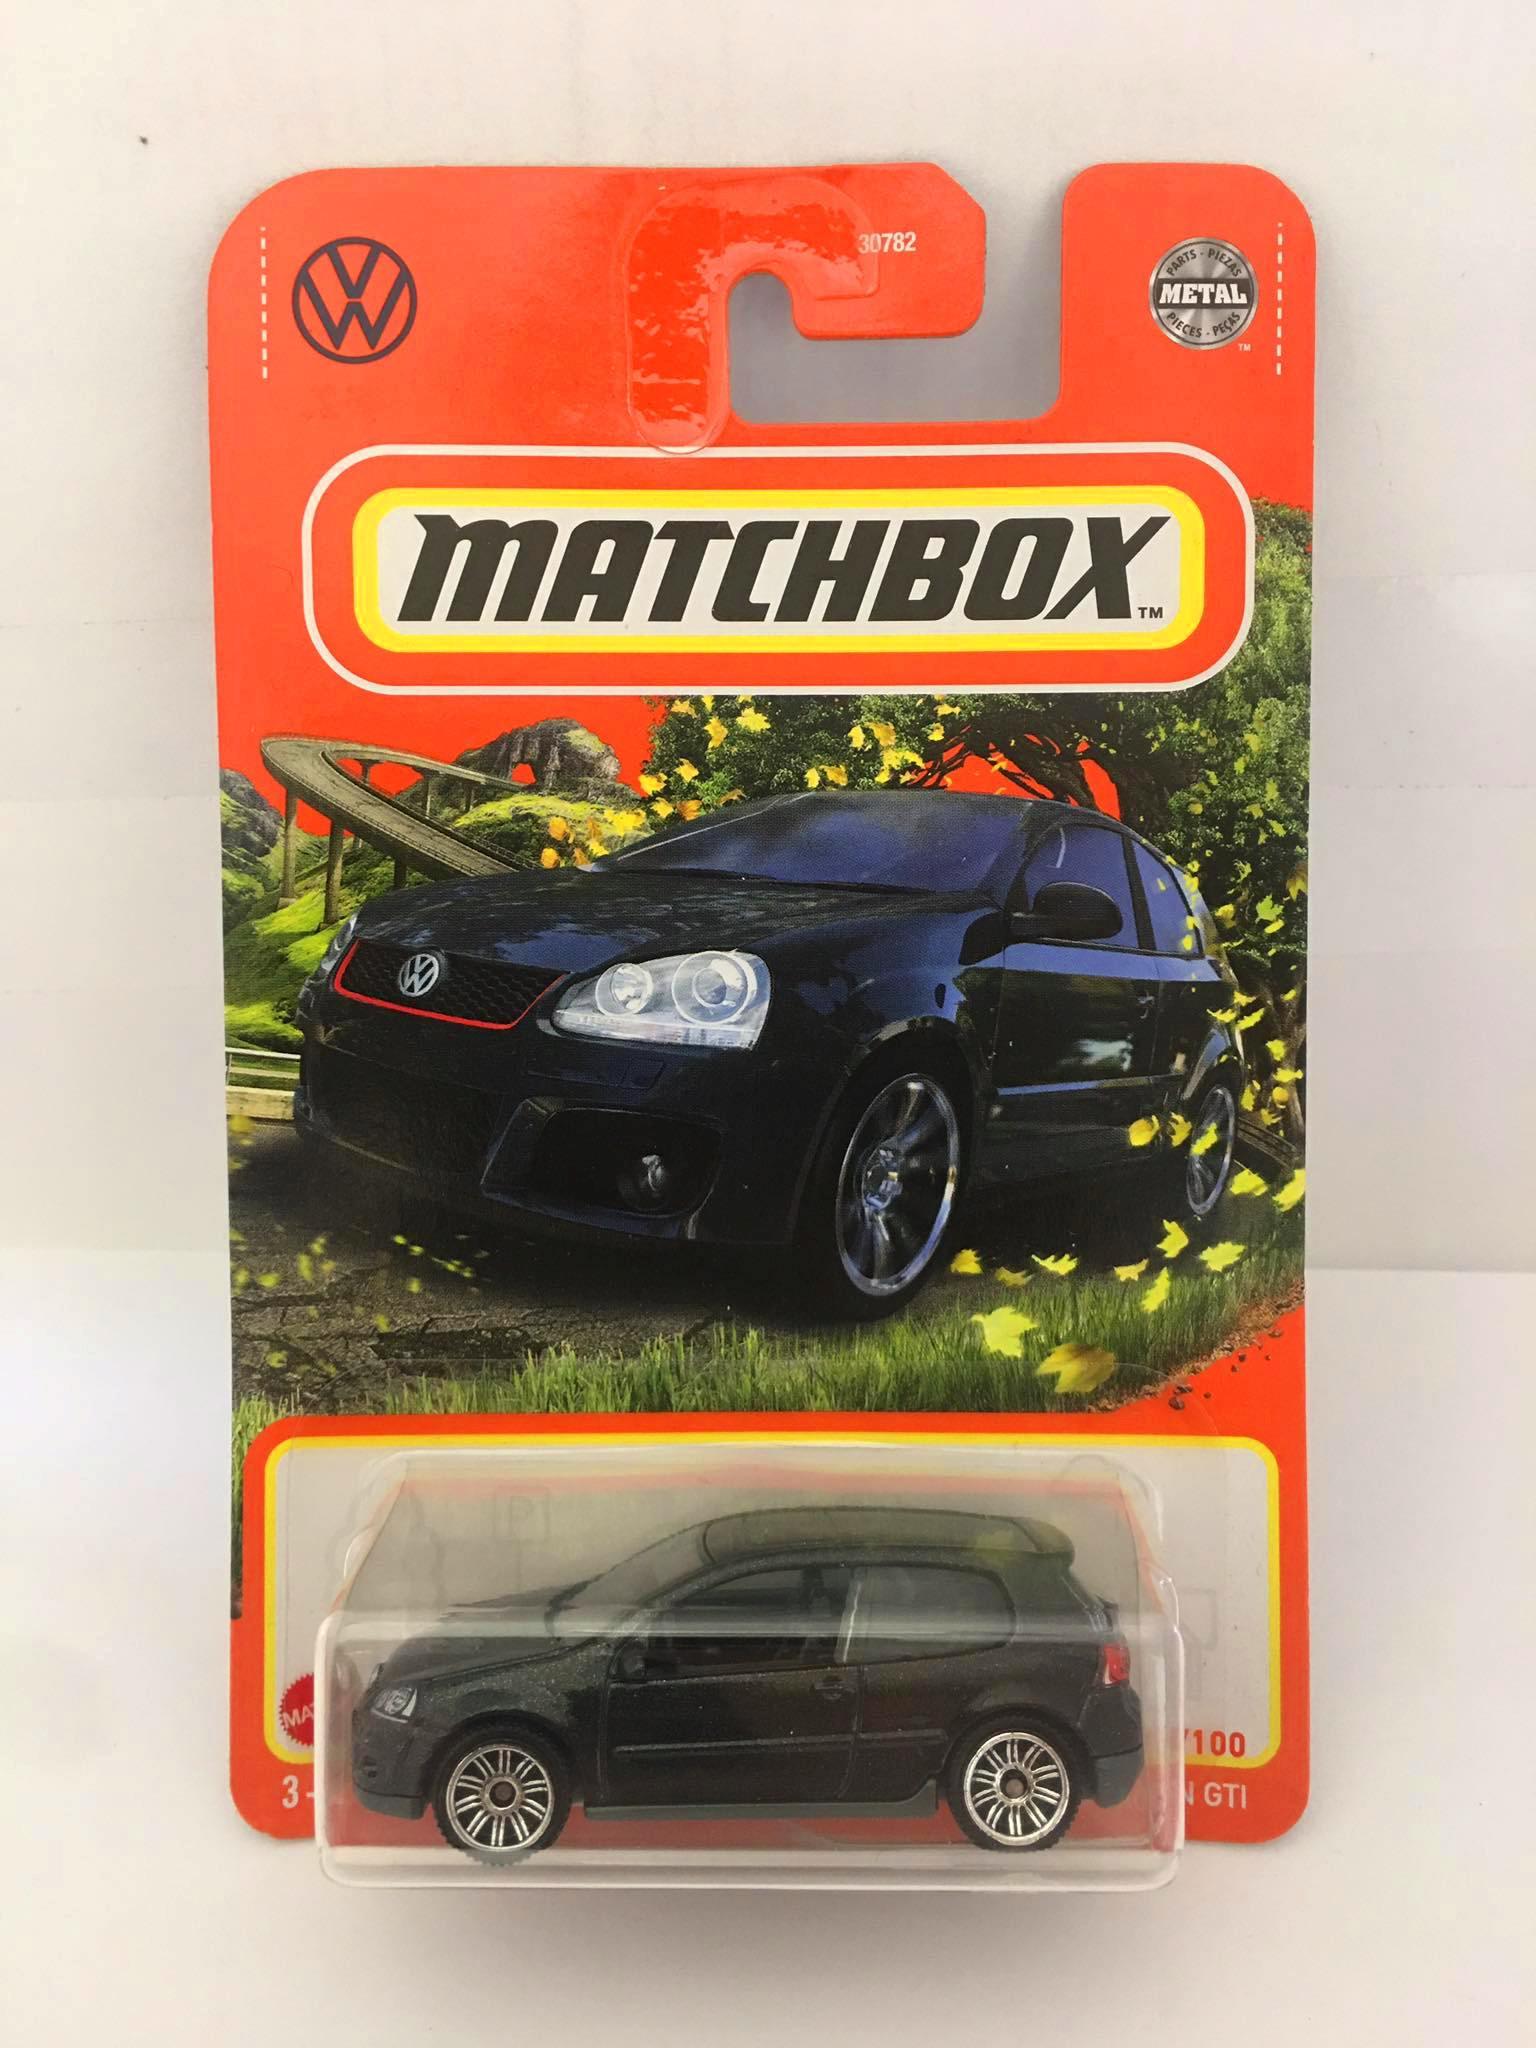 Matchbox - Volkswagen GTI Preto - Básico 2021